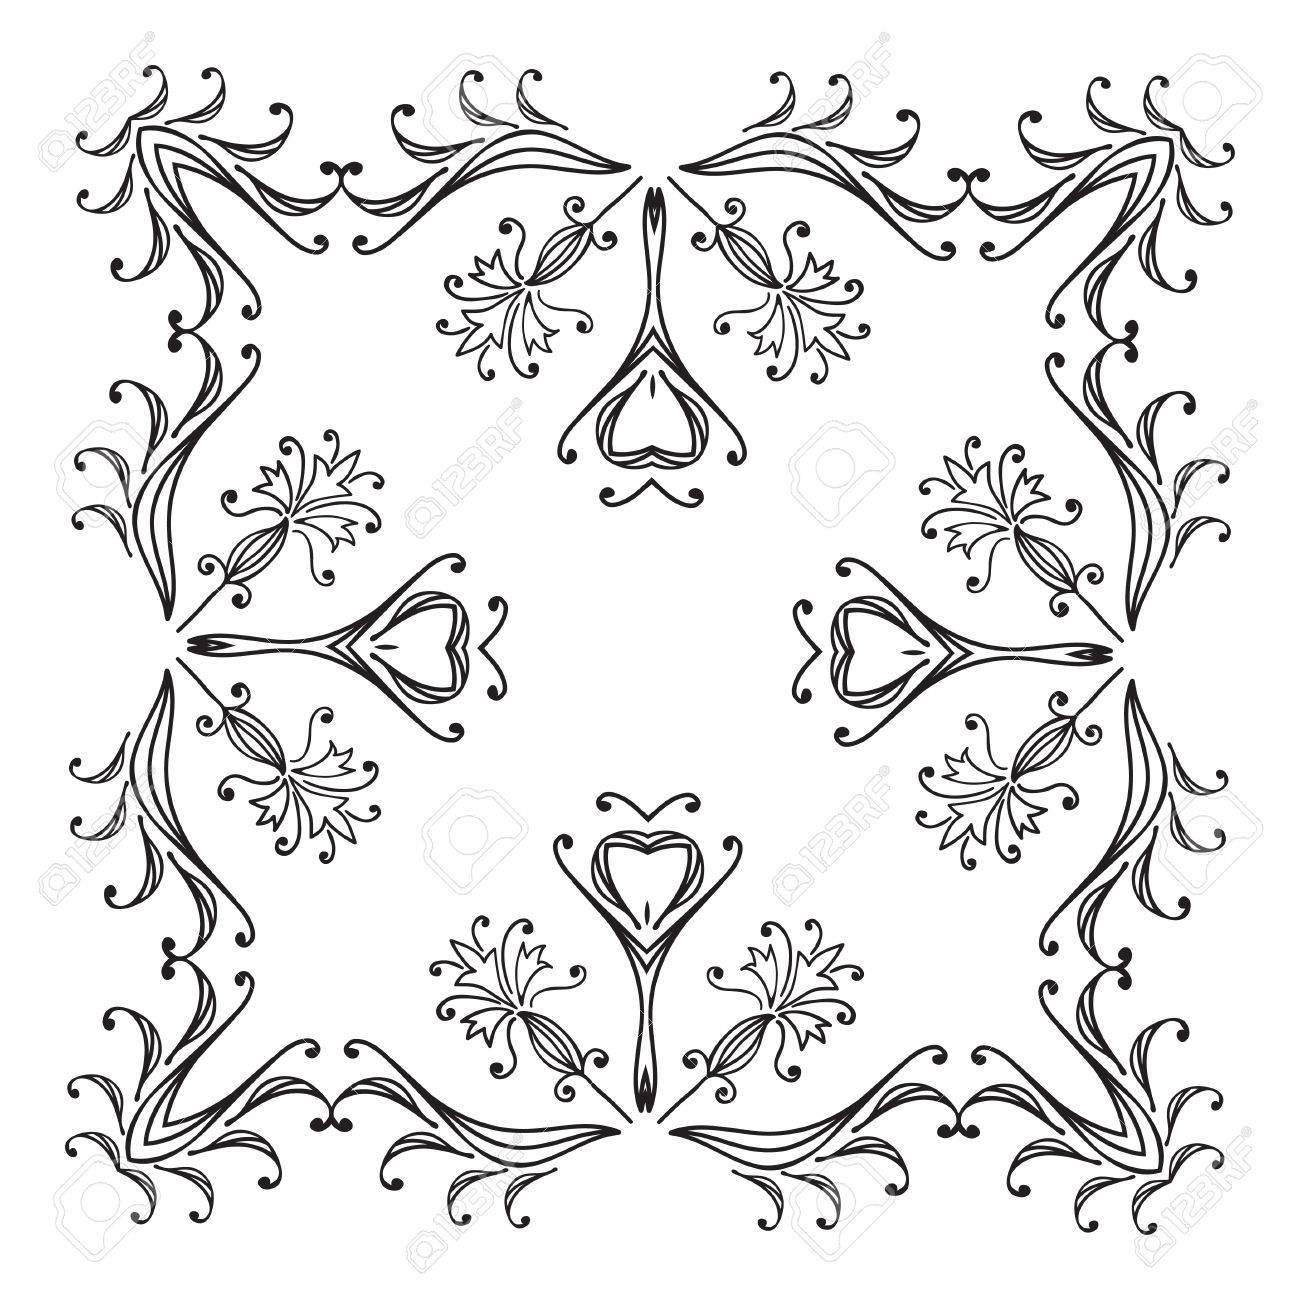 Cornici Disegno Bianco E Nero.Disegno A Mano Zentangle Cornice Decorativa Floreale Bianco E Nero Mandala Fiore Illustrazione Vettoriale Il Meglio Per Il Vostro Disegno